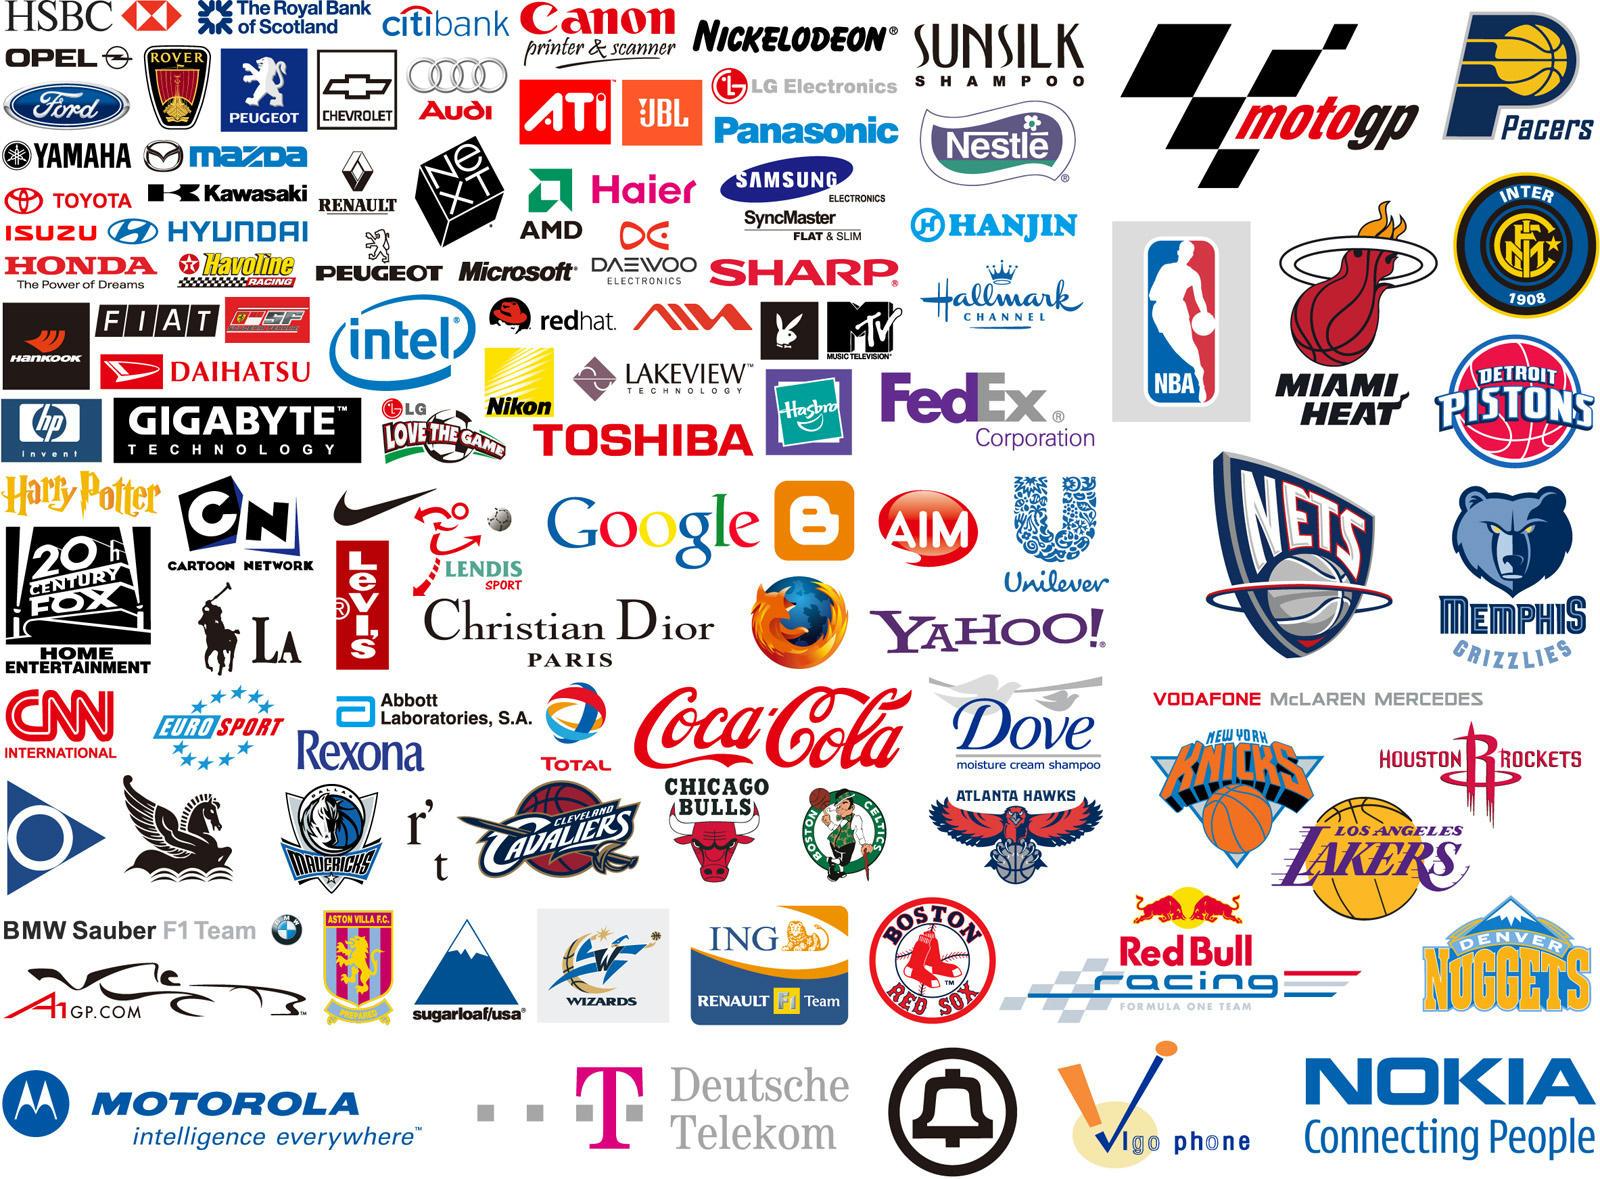 download logo nổi tiếng thế giới, tổng hợp logo nổi tiếng, vector, logo, download